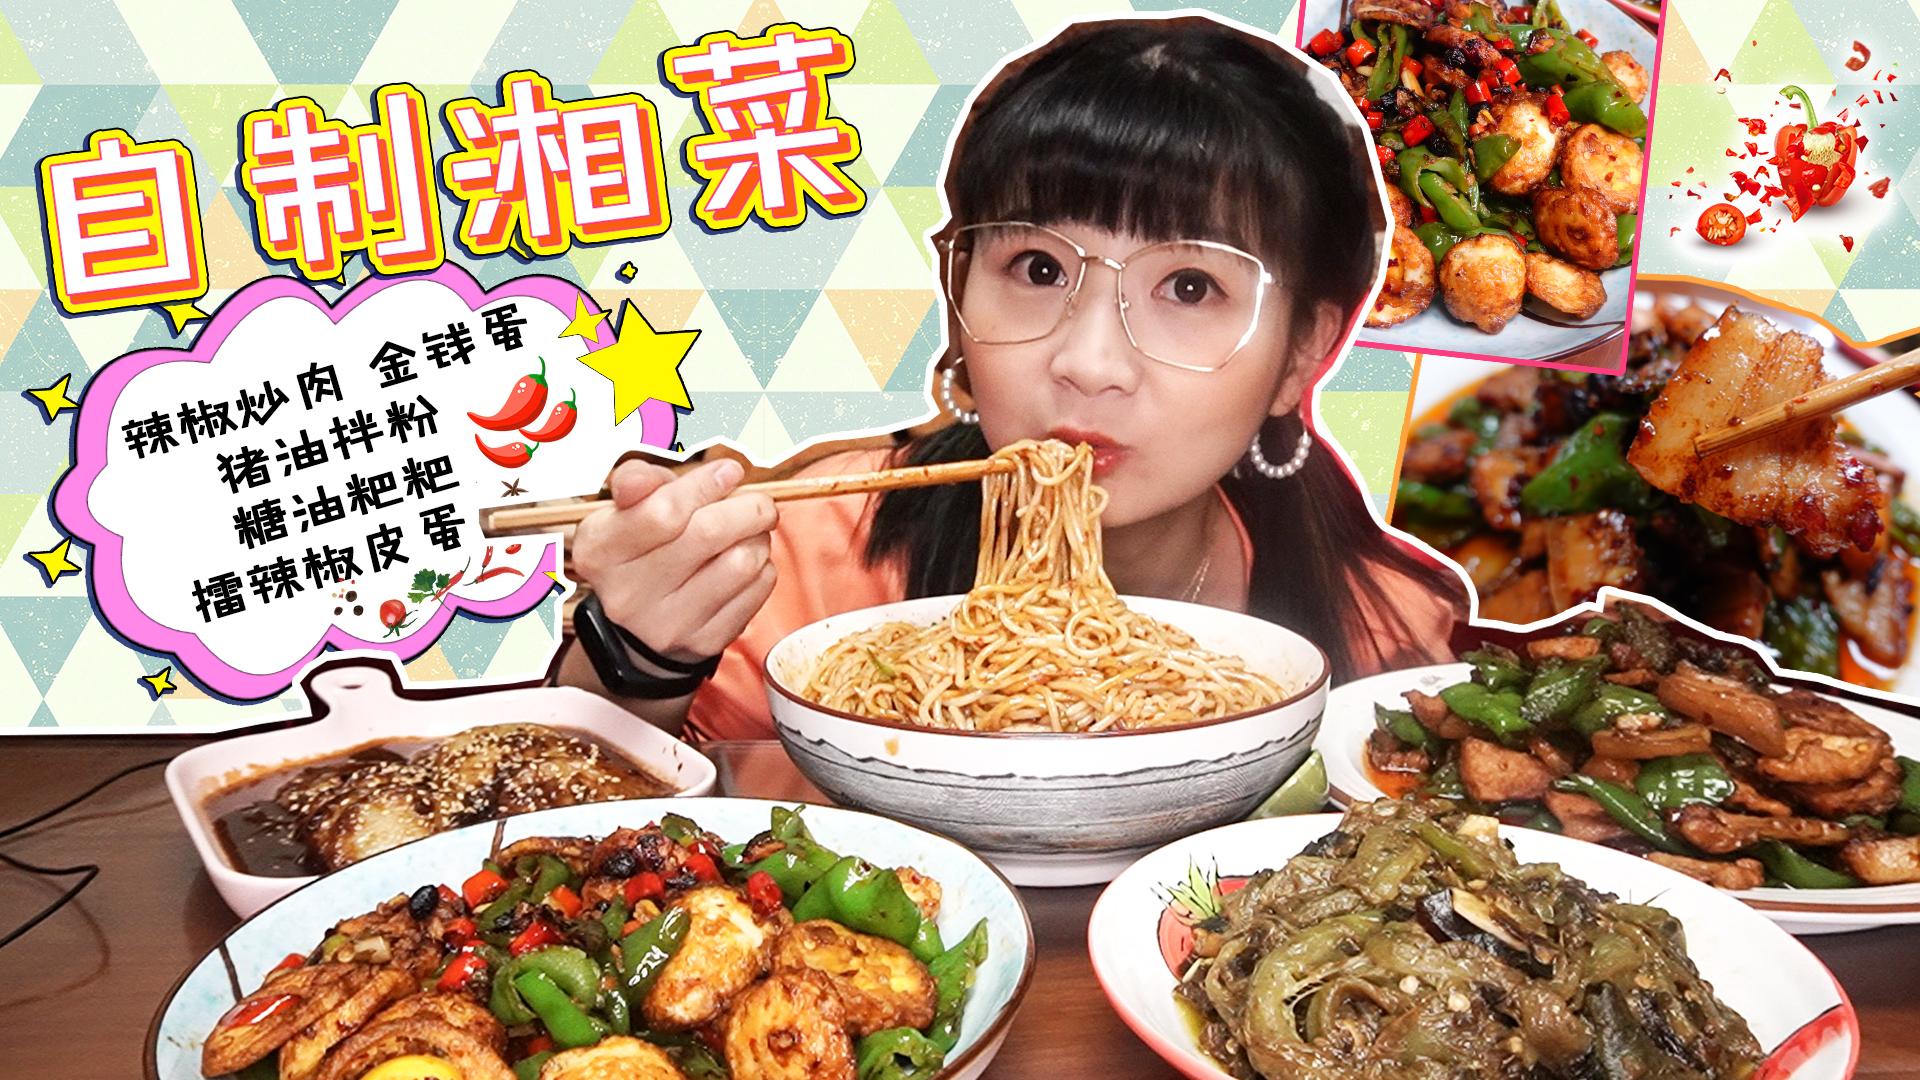 【小猪猪的vlog】宅家自制湘菜系列!辣椒炒肉、金钱蛋倍儿下饭!